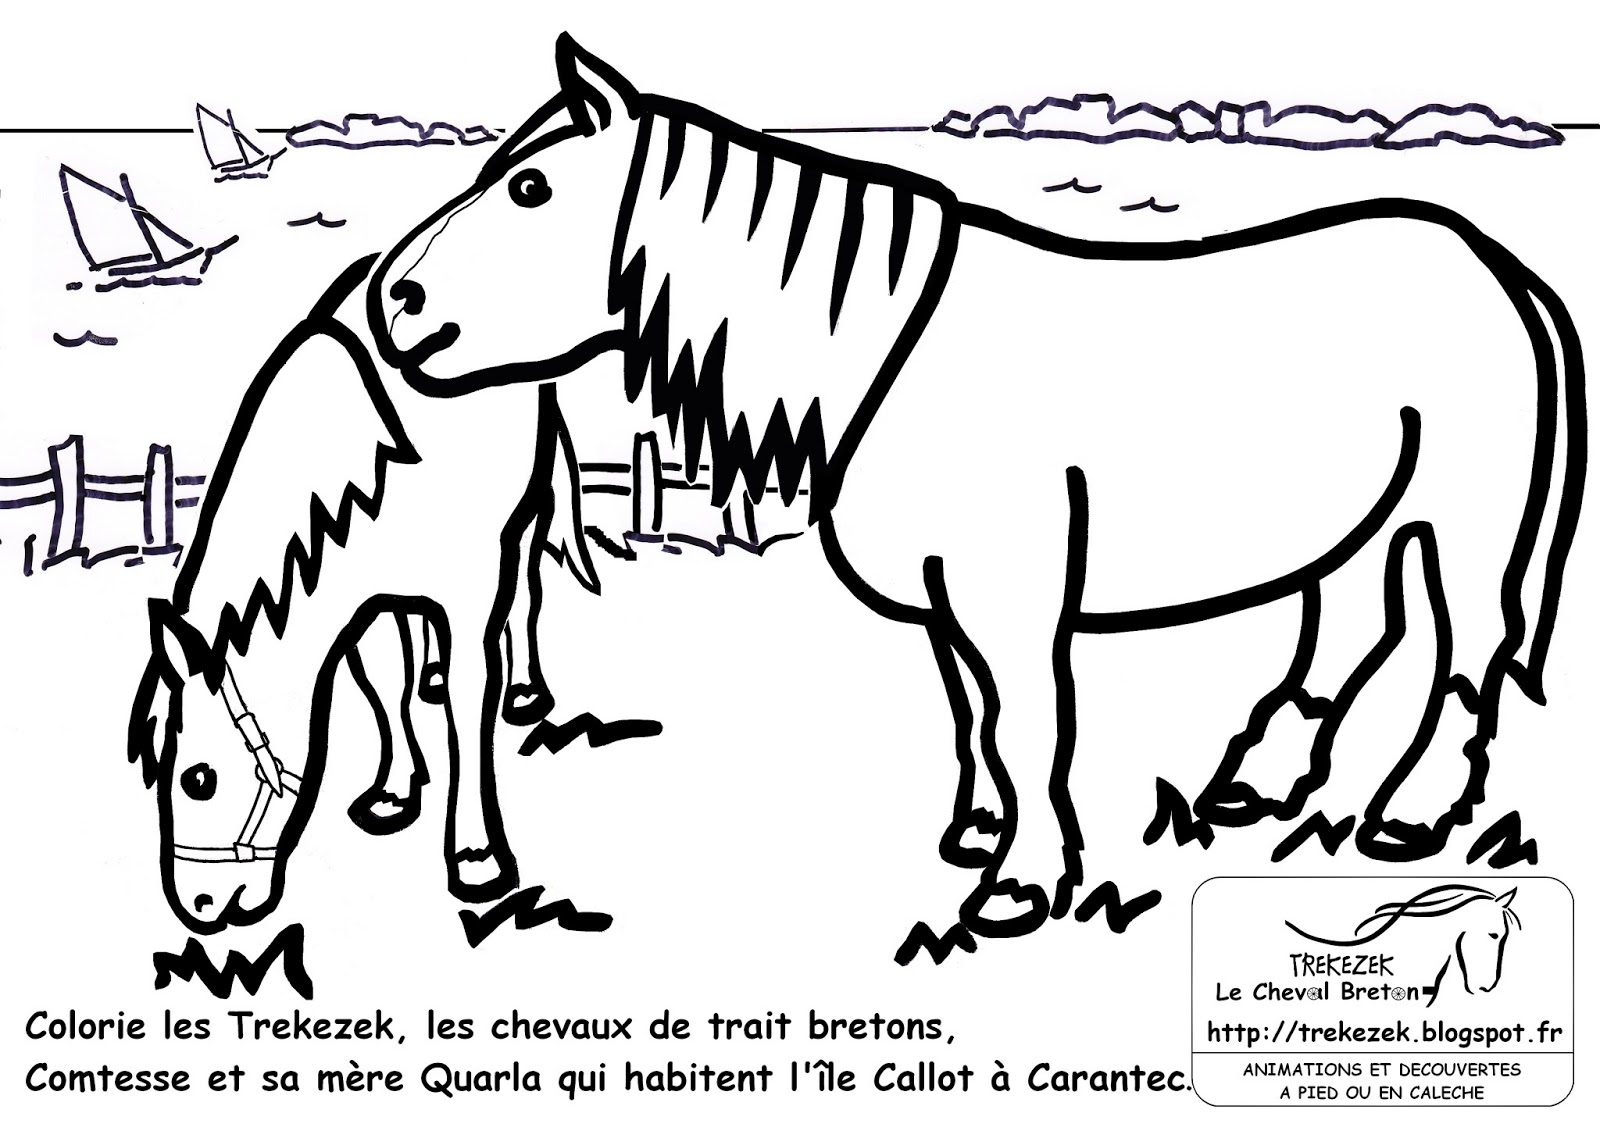 Coloriage Cheval Avec Caleche.Trekezek Le Cheval Breton Cheval Breton Dessin A Colorier Des